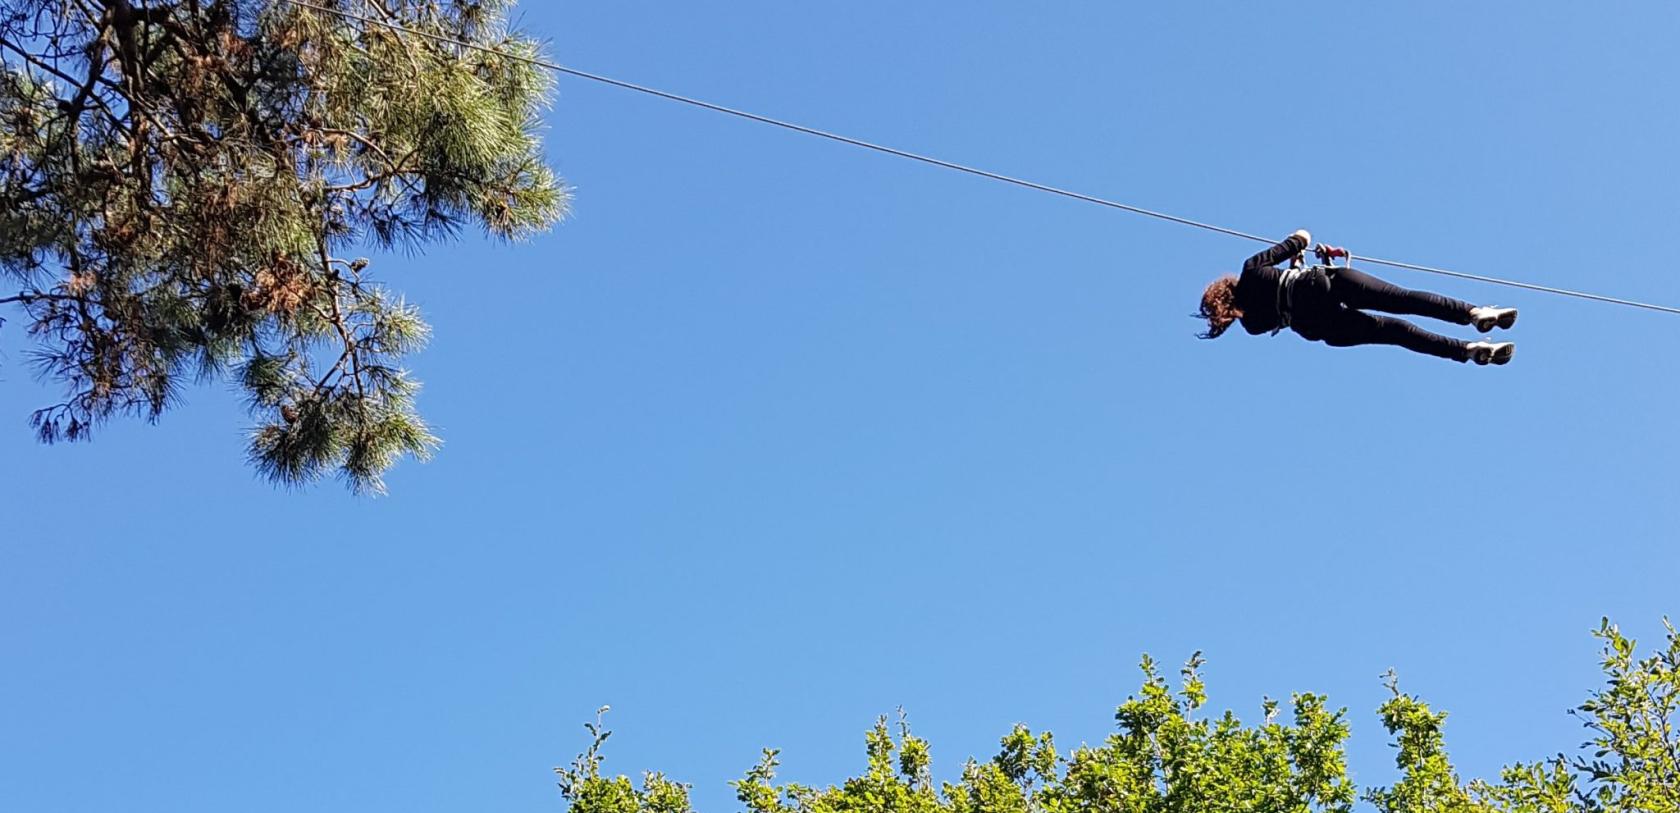 tyrolienne - accrobranche à Ploemeur - Le Poisson Volant